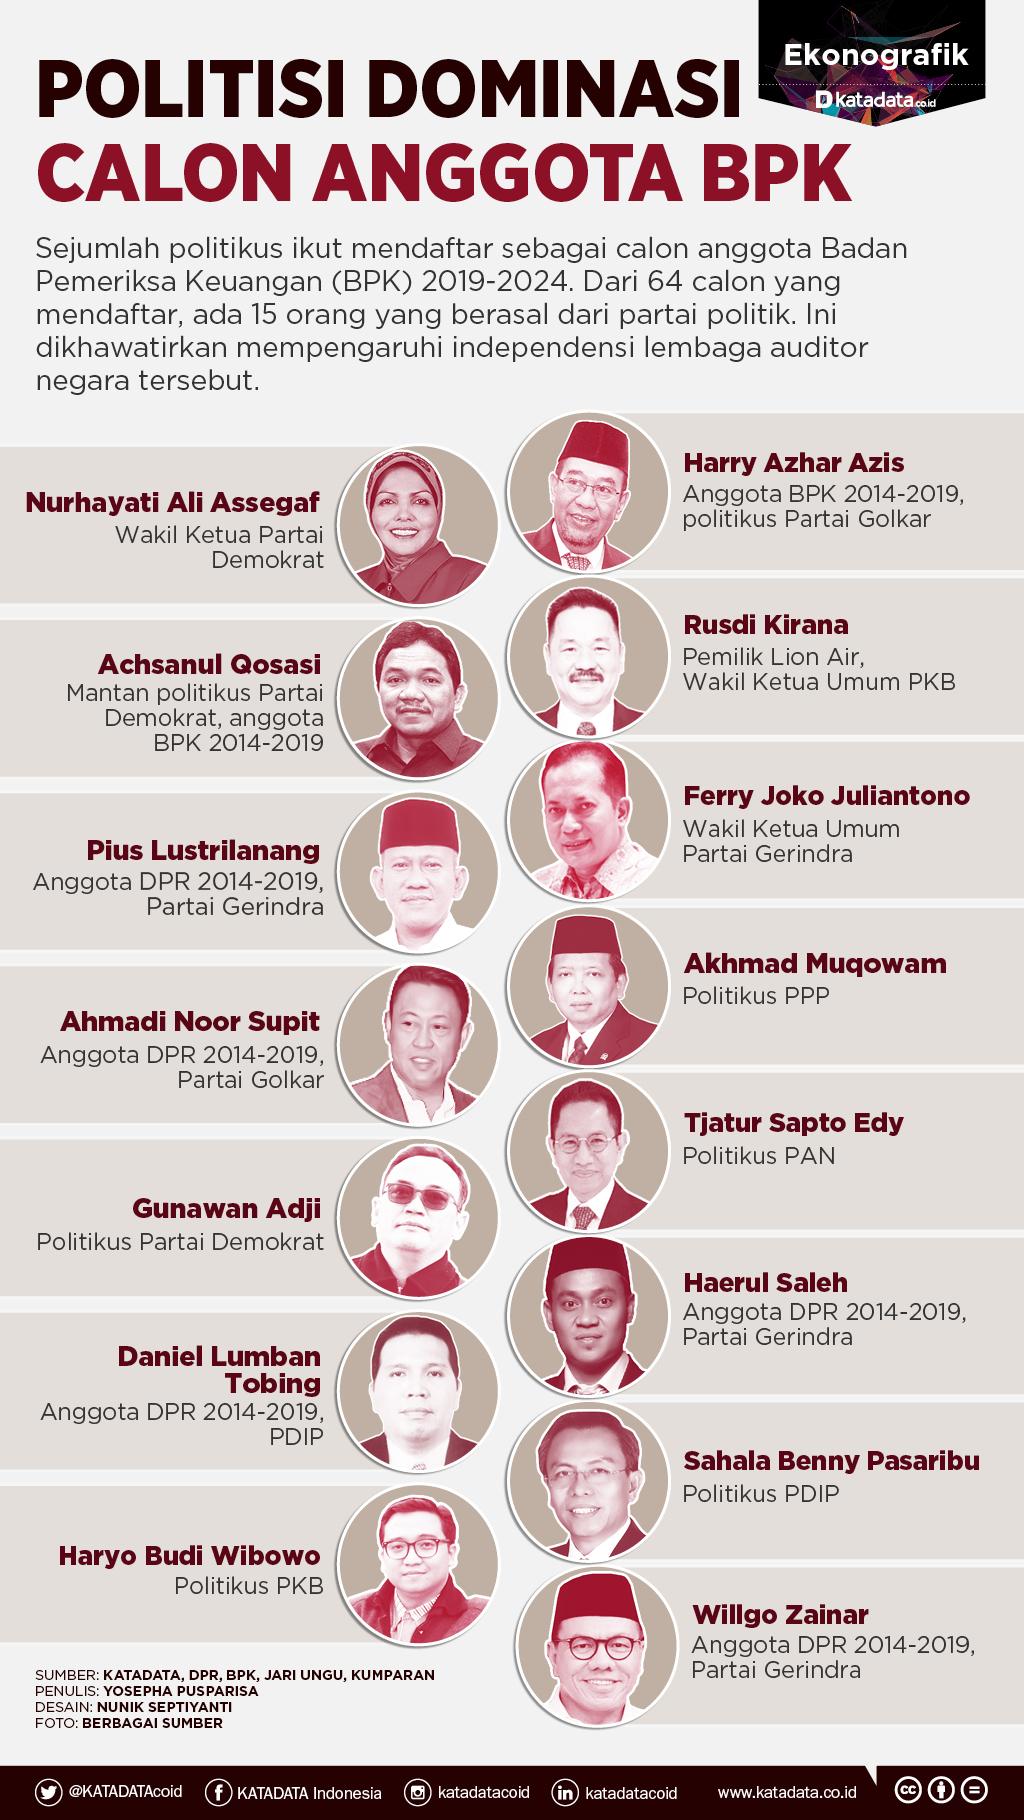 Politisi dominasi calon anggota bpk_rev